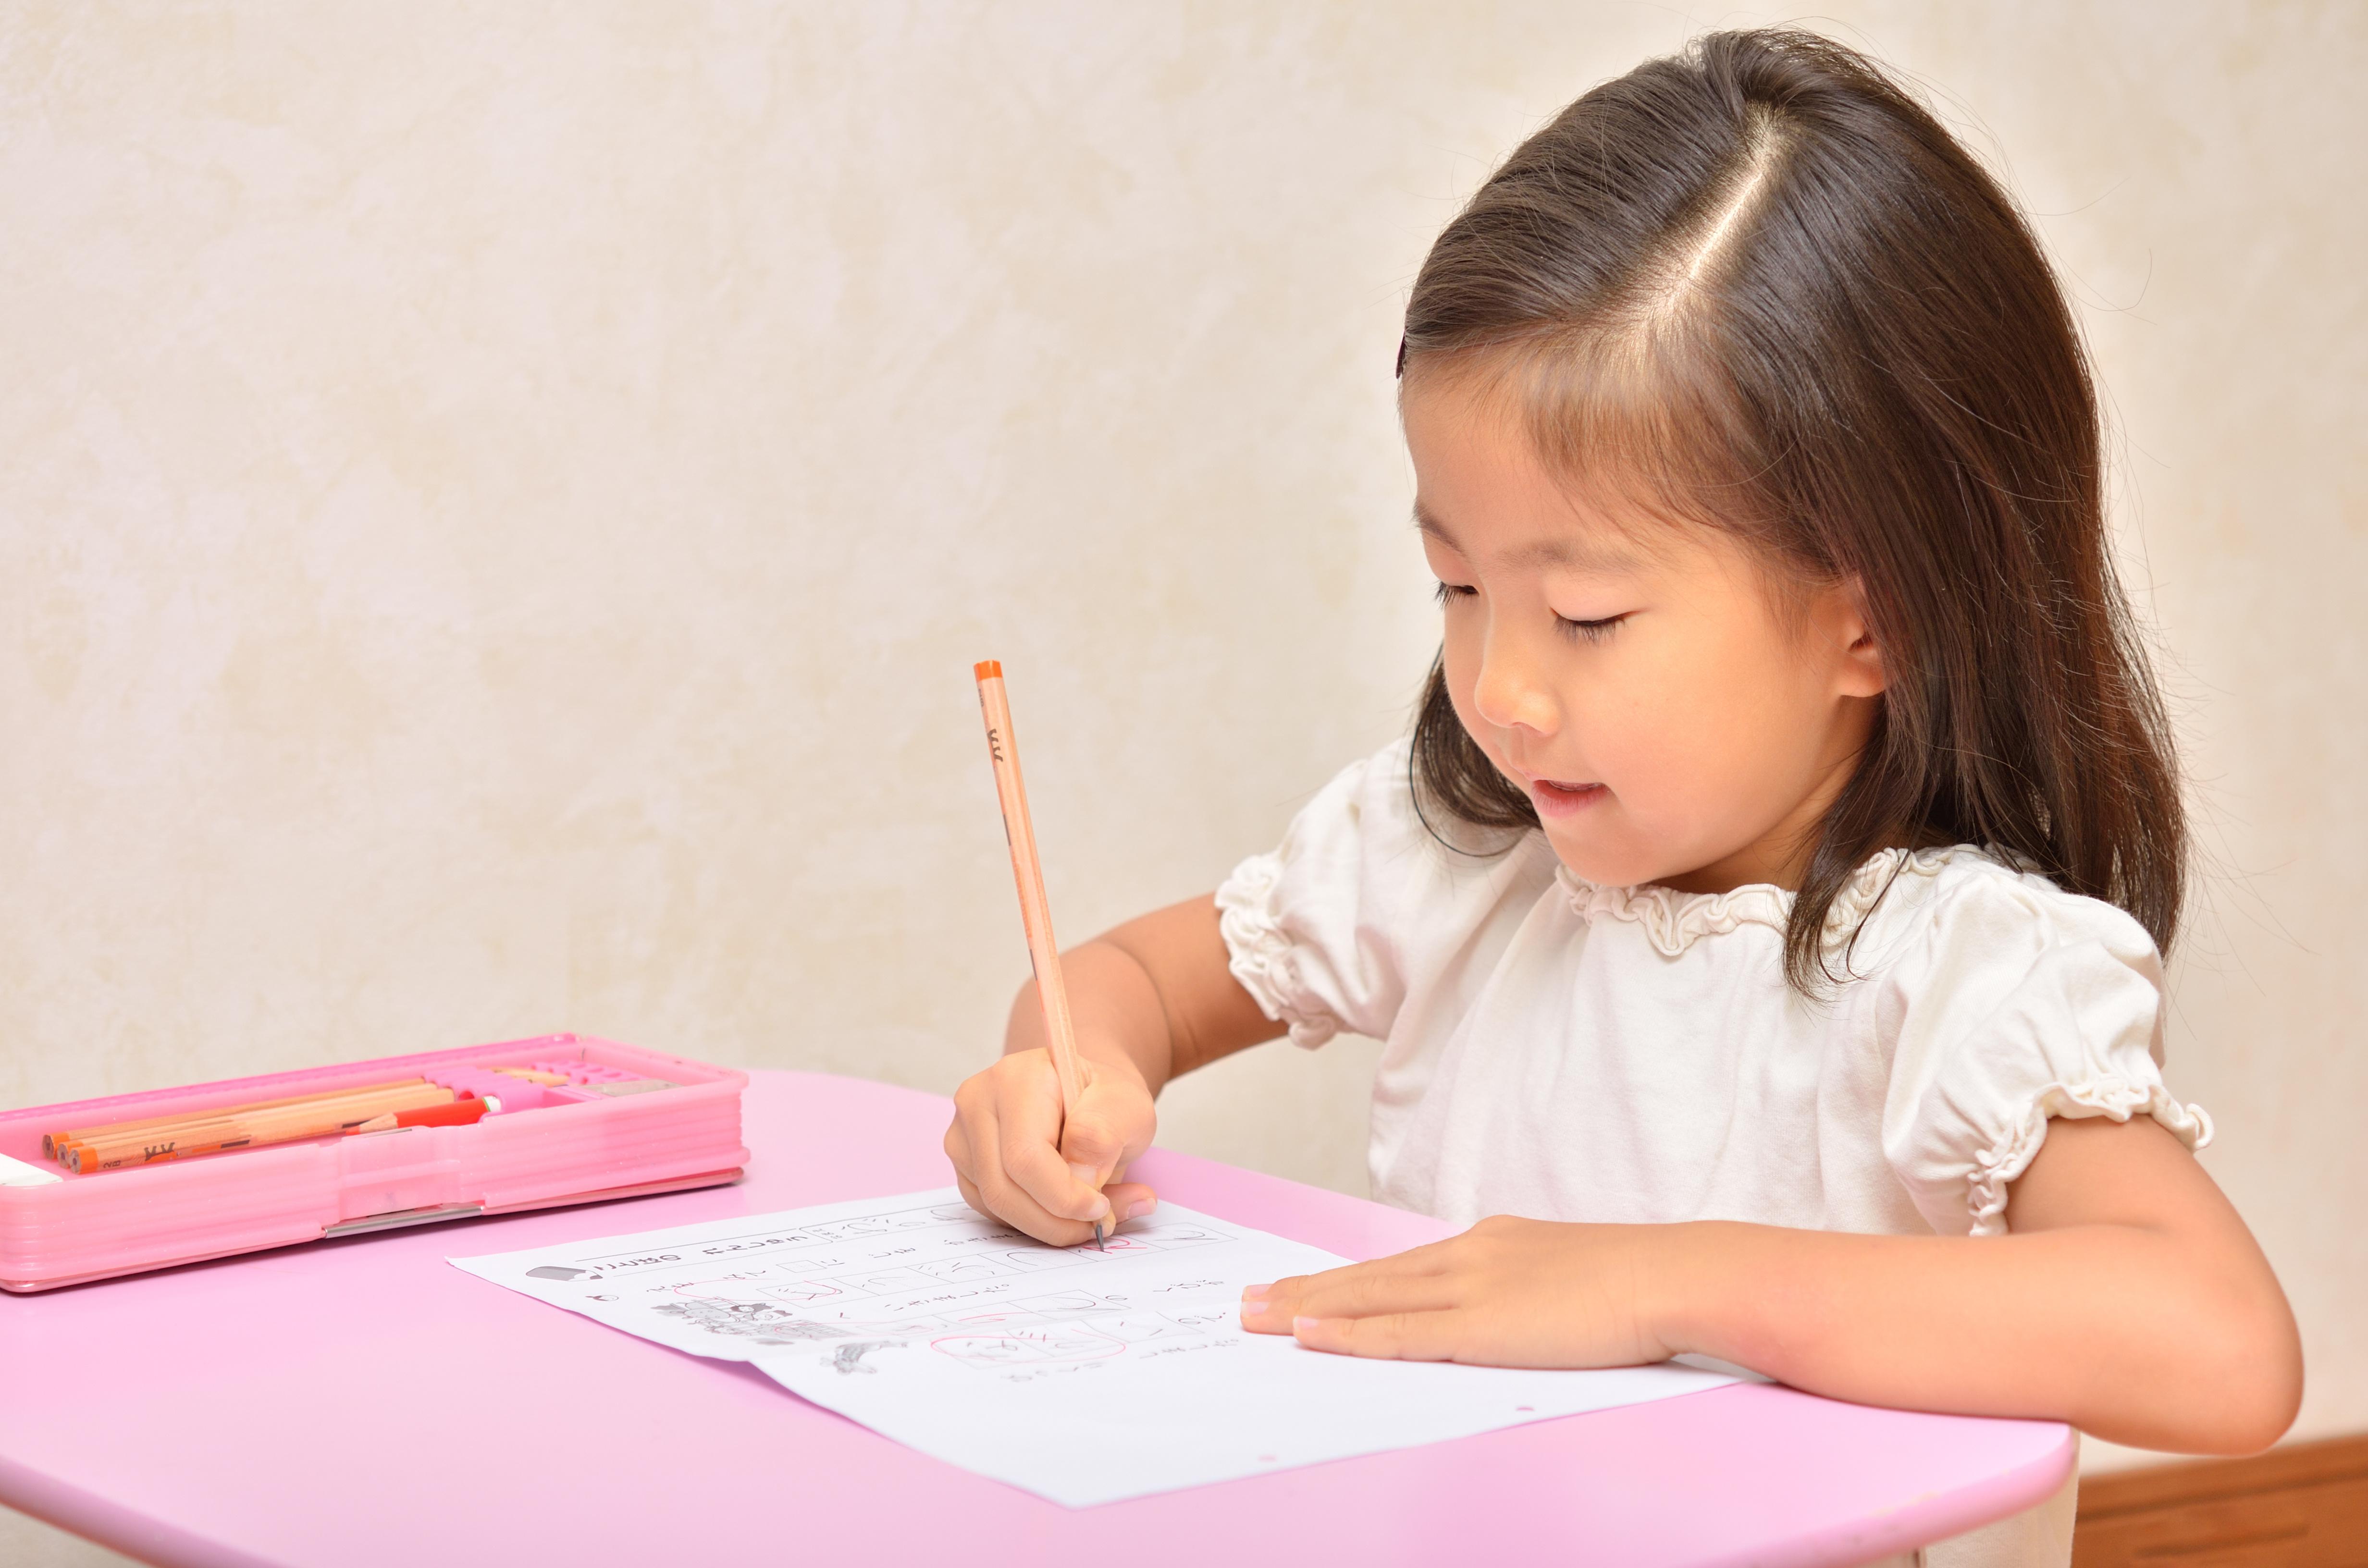 子供に勉強の習慣を付けさせる3つのポイント!